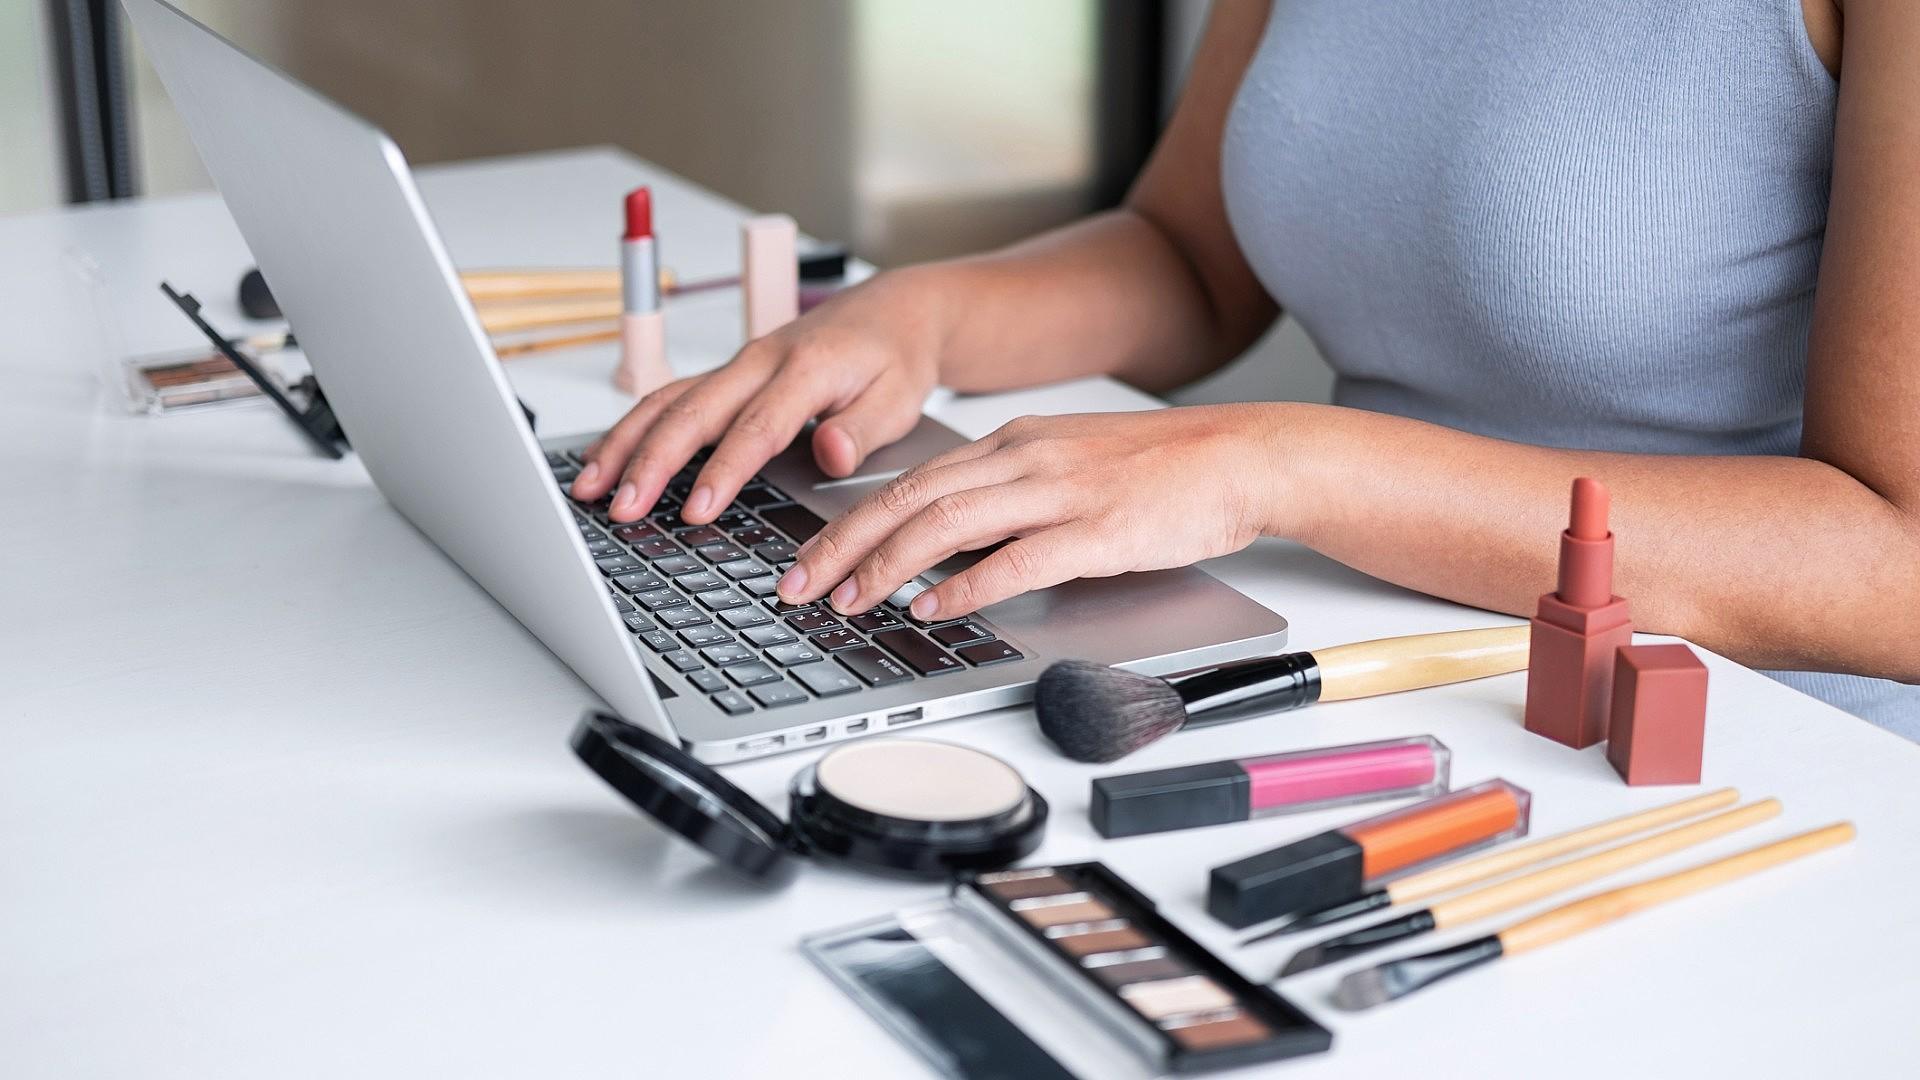 Passo a passo: como abrir um e-commerce de cosméticos